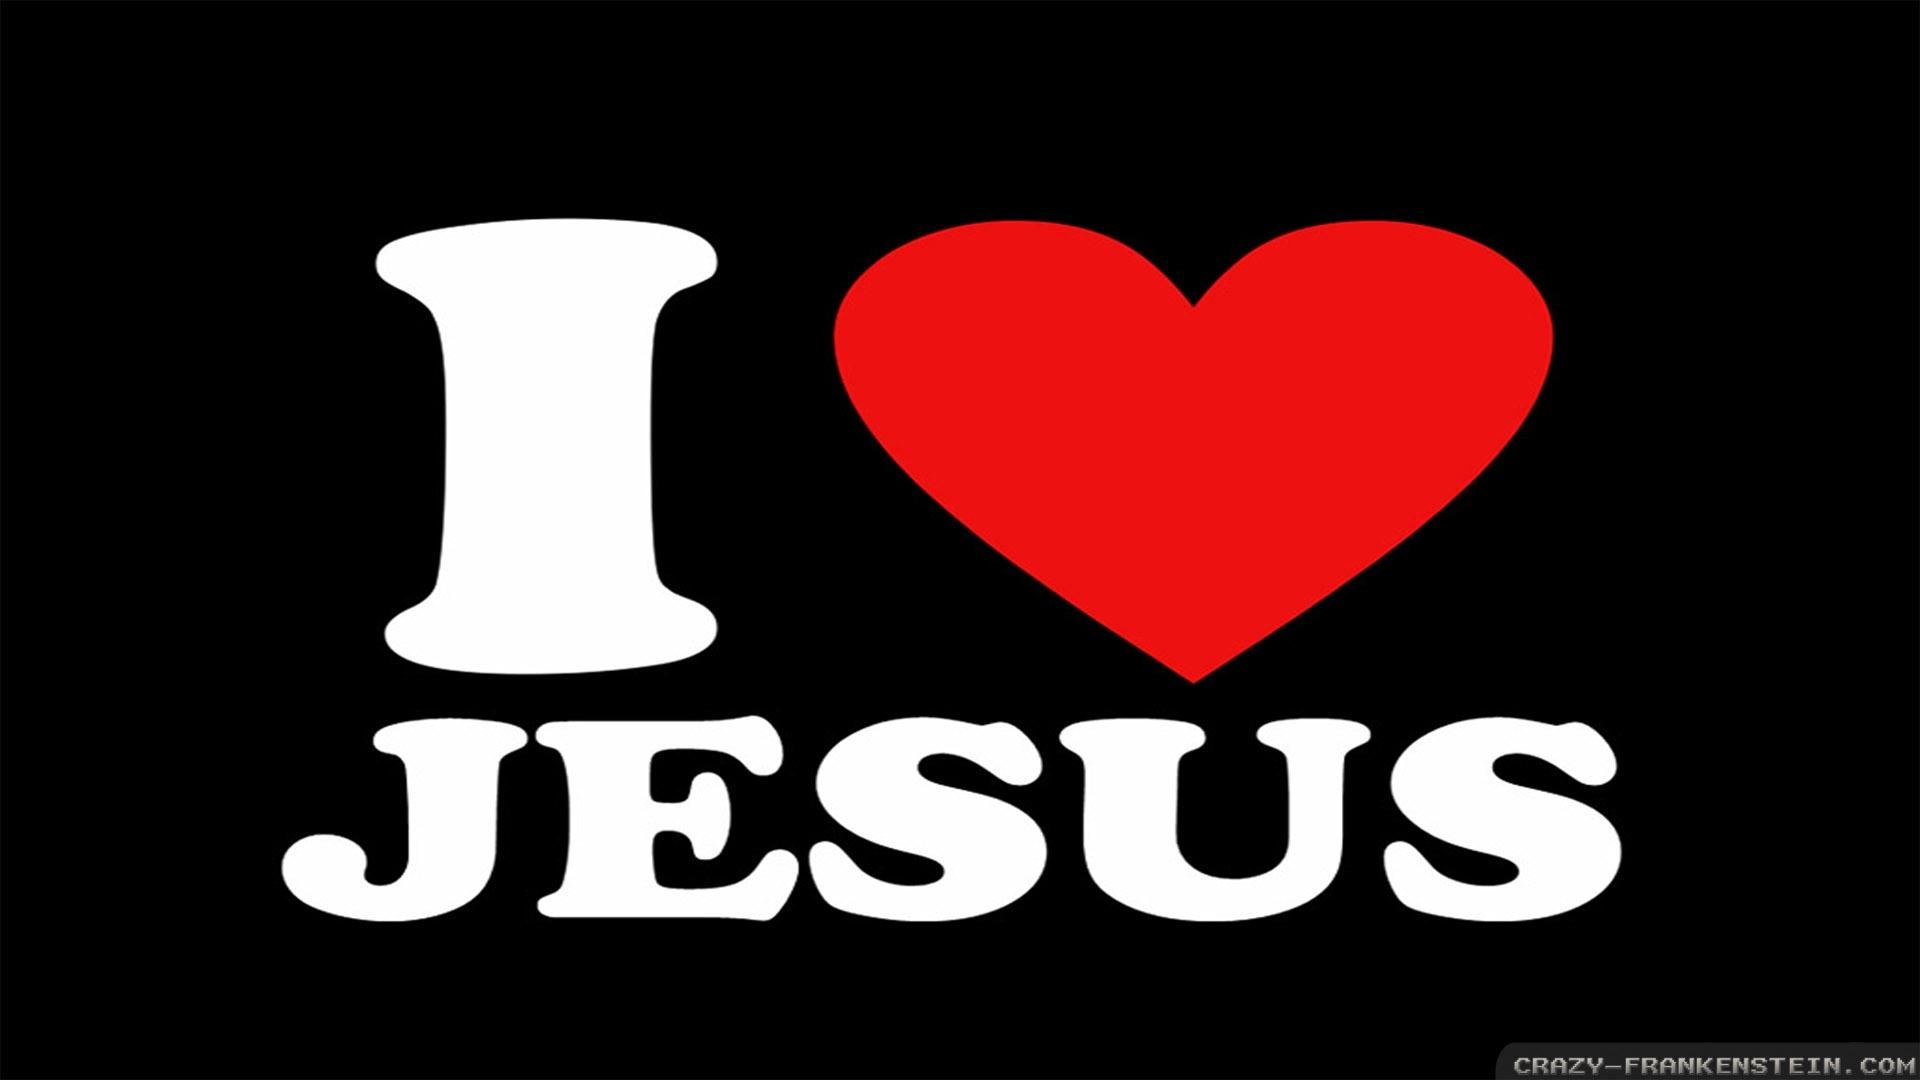 love jesus wallpapers - crazy frankenstein